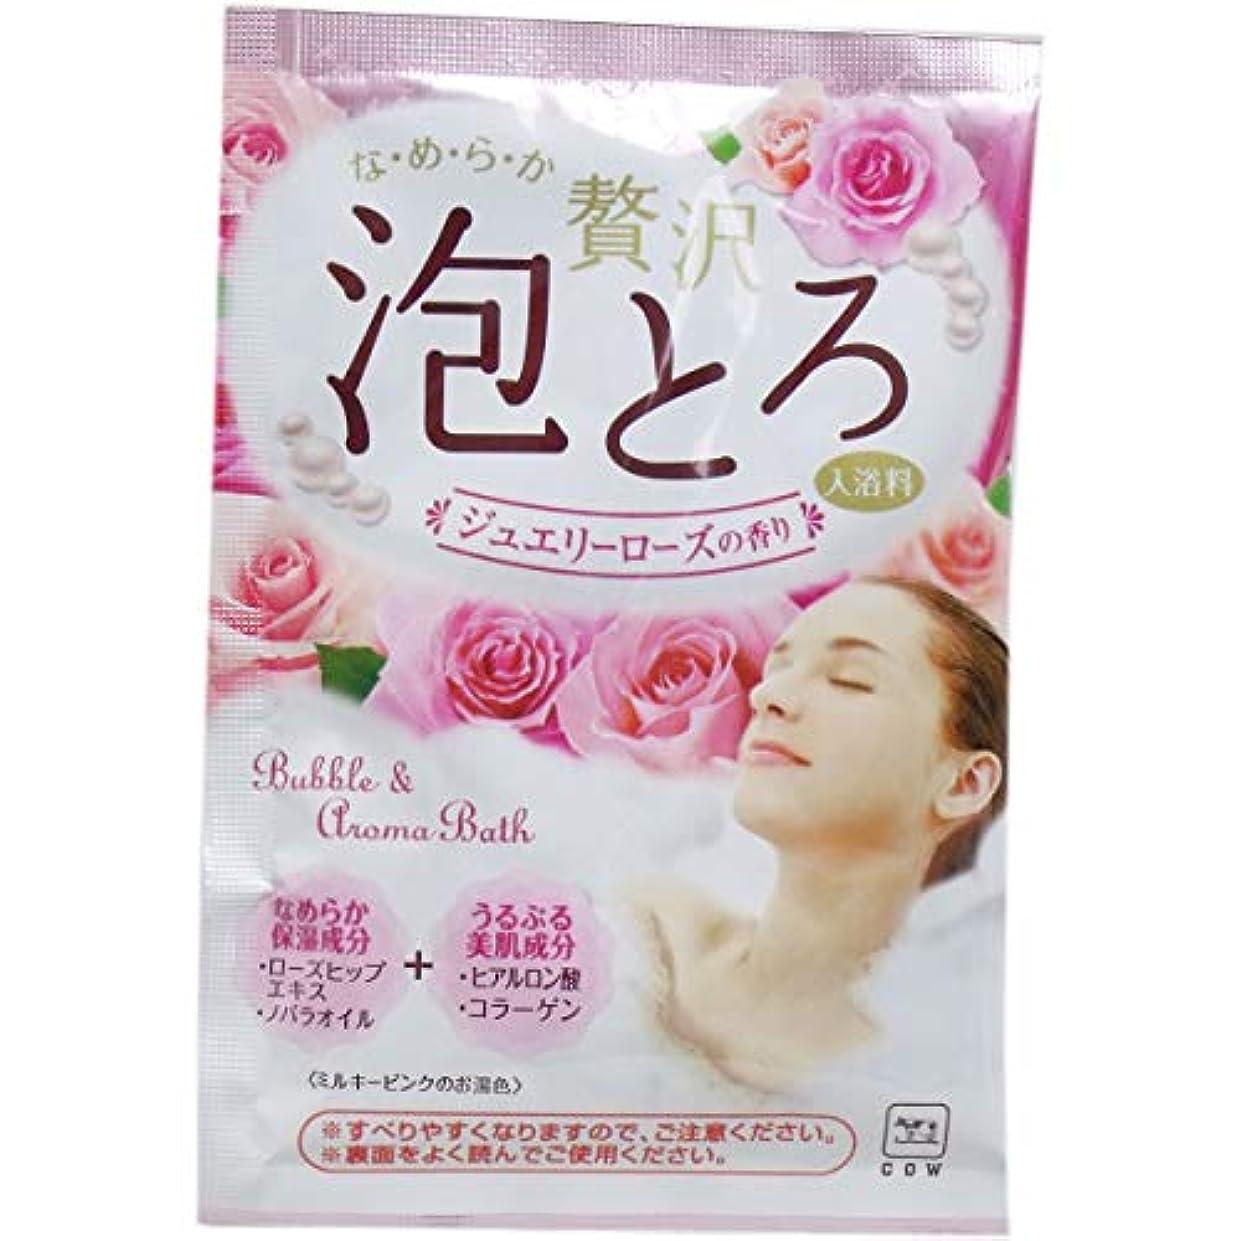 理容室不利益罪人牛乳石鹸共進社 贅沢泡とろ 入浴料 ジュエリーローズの香り 30g × 120点